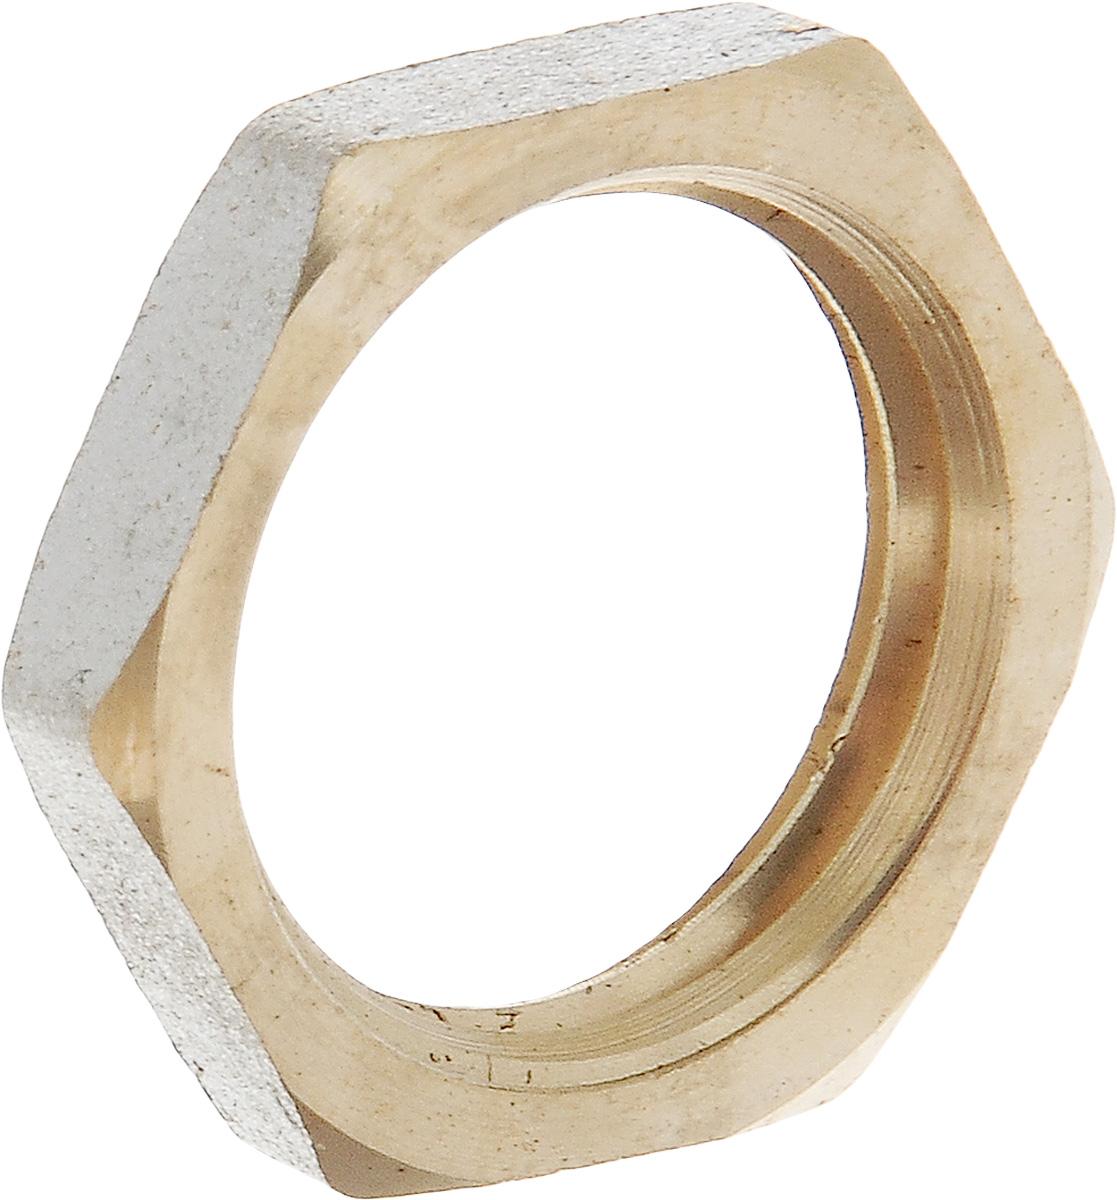 Контргайка U-Tec, с фаской, 1/268/5/1Контргайка с фаской U-Tec - это добавочная гайка, создающая дополнительное натяжение и трение в резьбовом соединении, затрудняя тем самым самоотвинчивание. Изделие изготовлено из прочной и долговечной латуни. Никелированное покрытие на внешнем корпусе защищает изделие от окисления. Продукция под торговой маркой U-Tec прошла все необходимые испытания и по праву может считаться надежной.